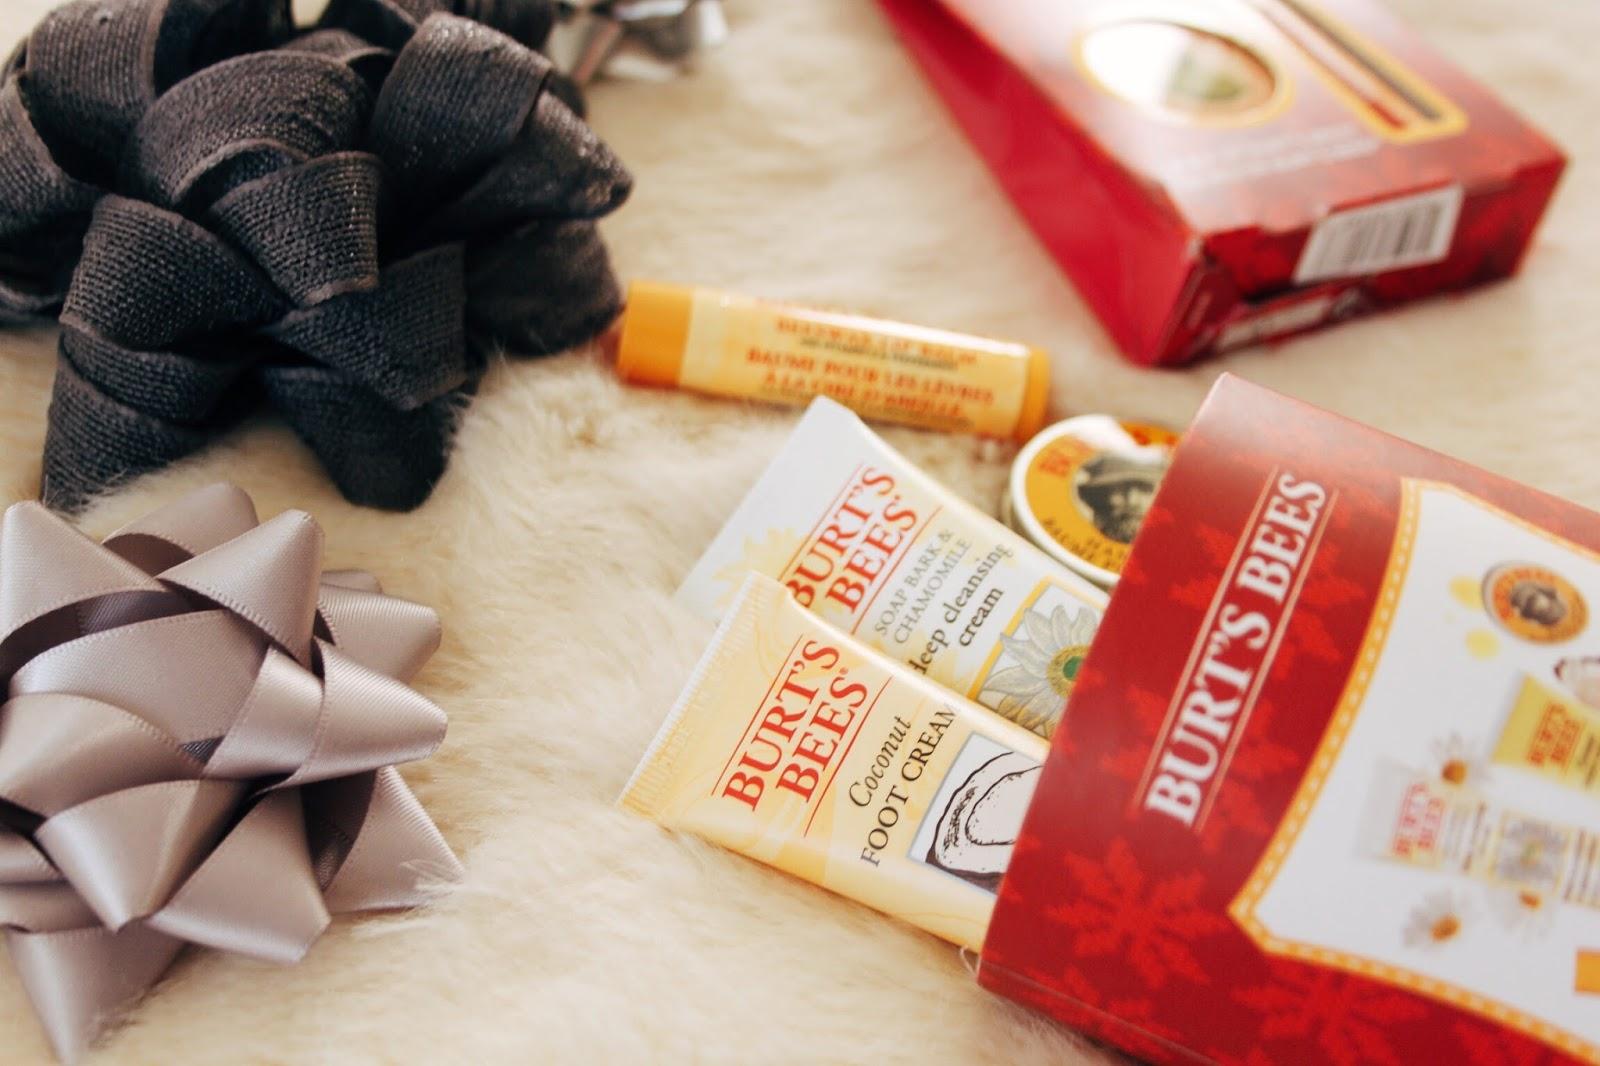 burts bees christmas gifts